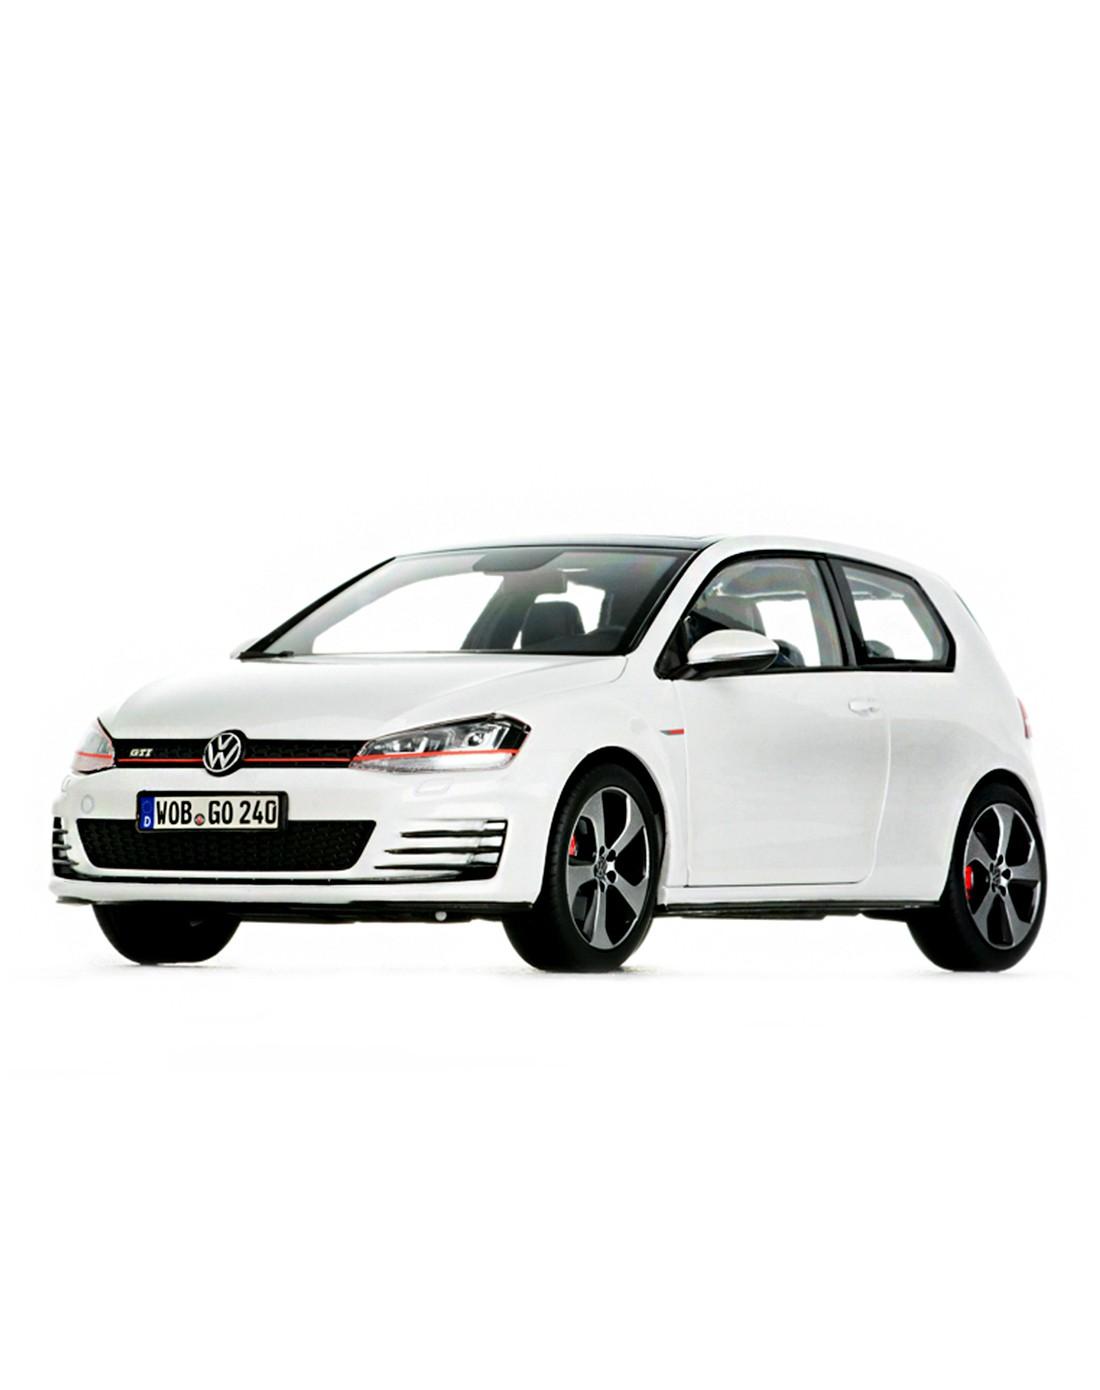 德国大众汽车vw用品专场大众汽车golf-gti 高尔夫白色